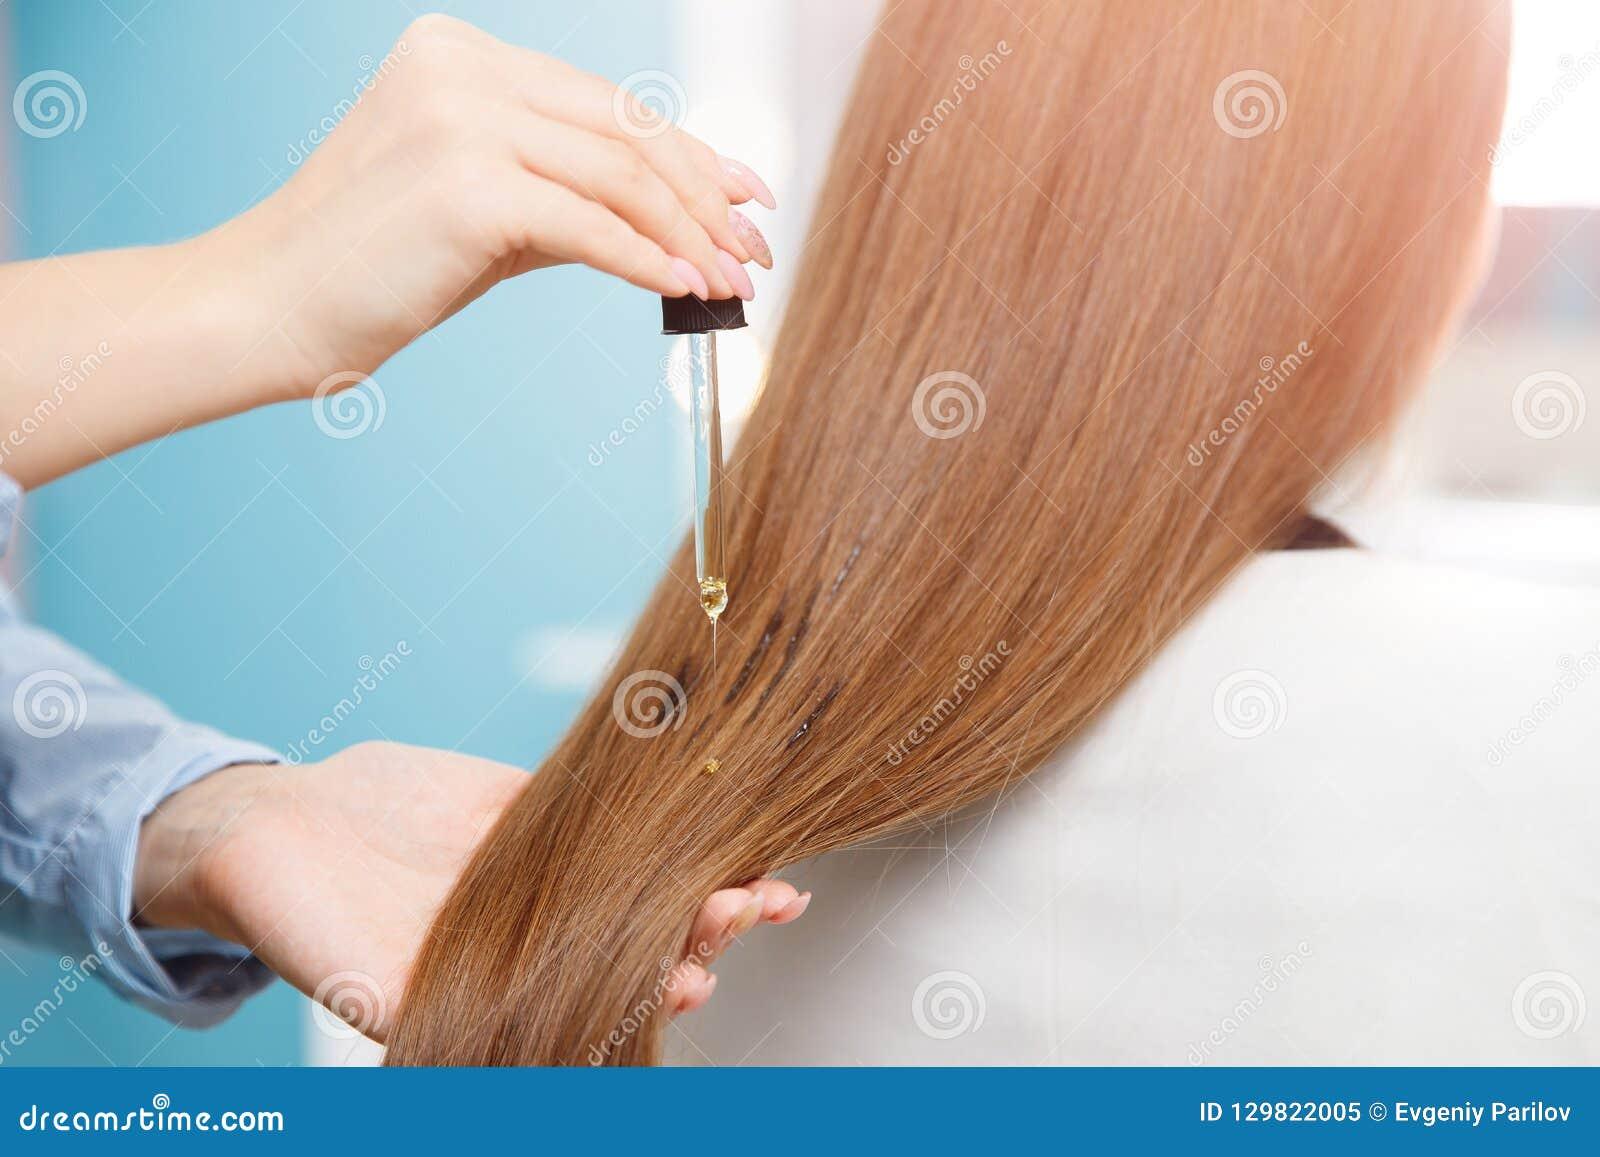 Il Parrucchiere Matrice Applica L'olio A Cura Di Capelli ...